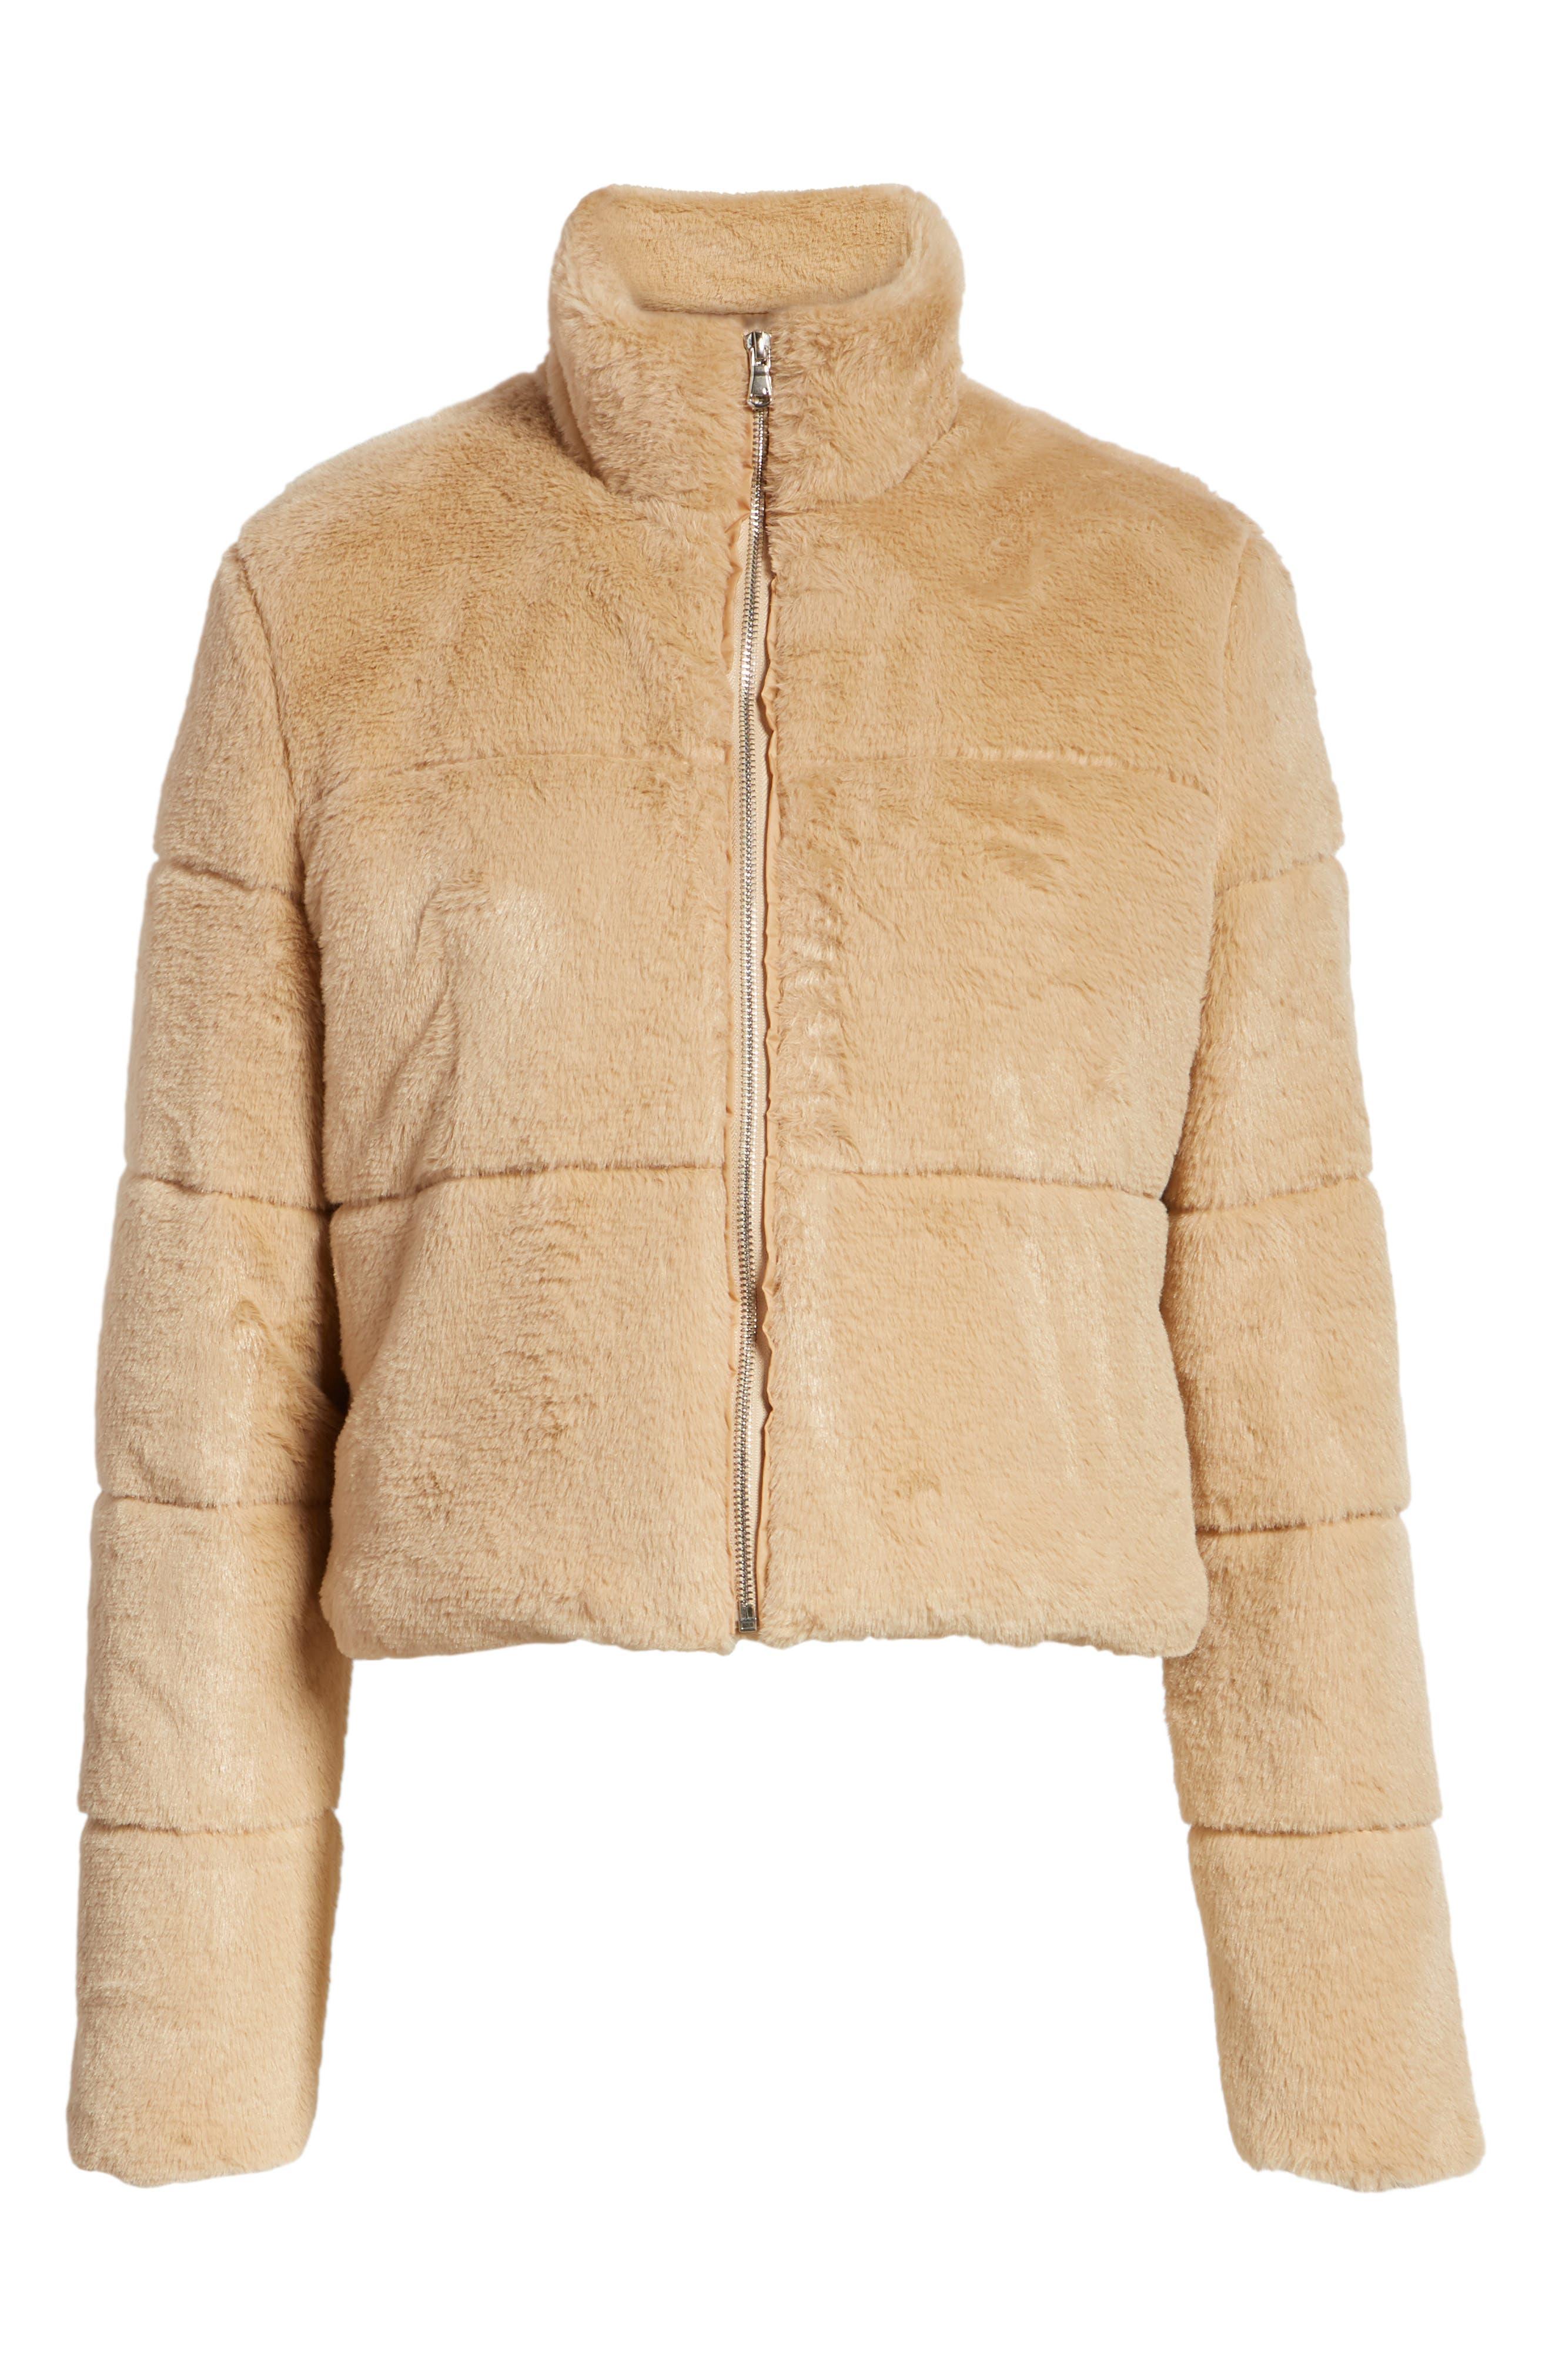 TIGER MIST, Bridget Faux Fur Puffer Jacket, Alternate thumbnail 6, color, 250